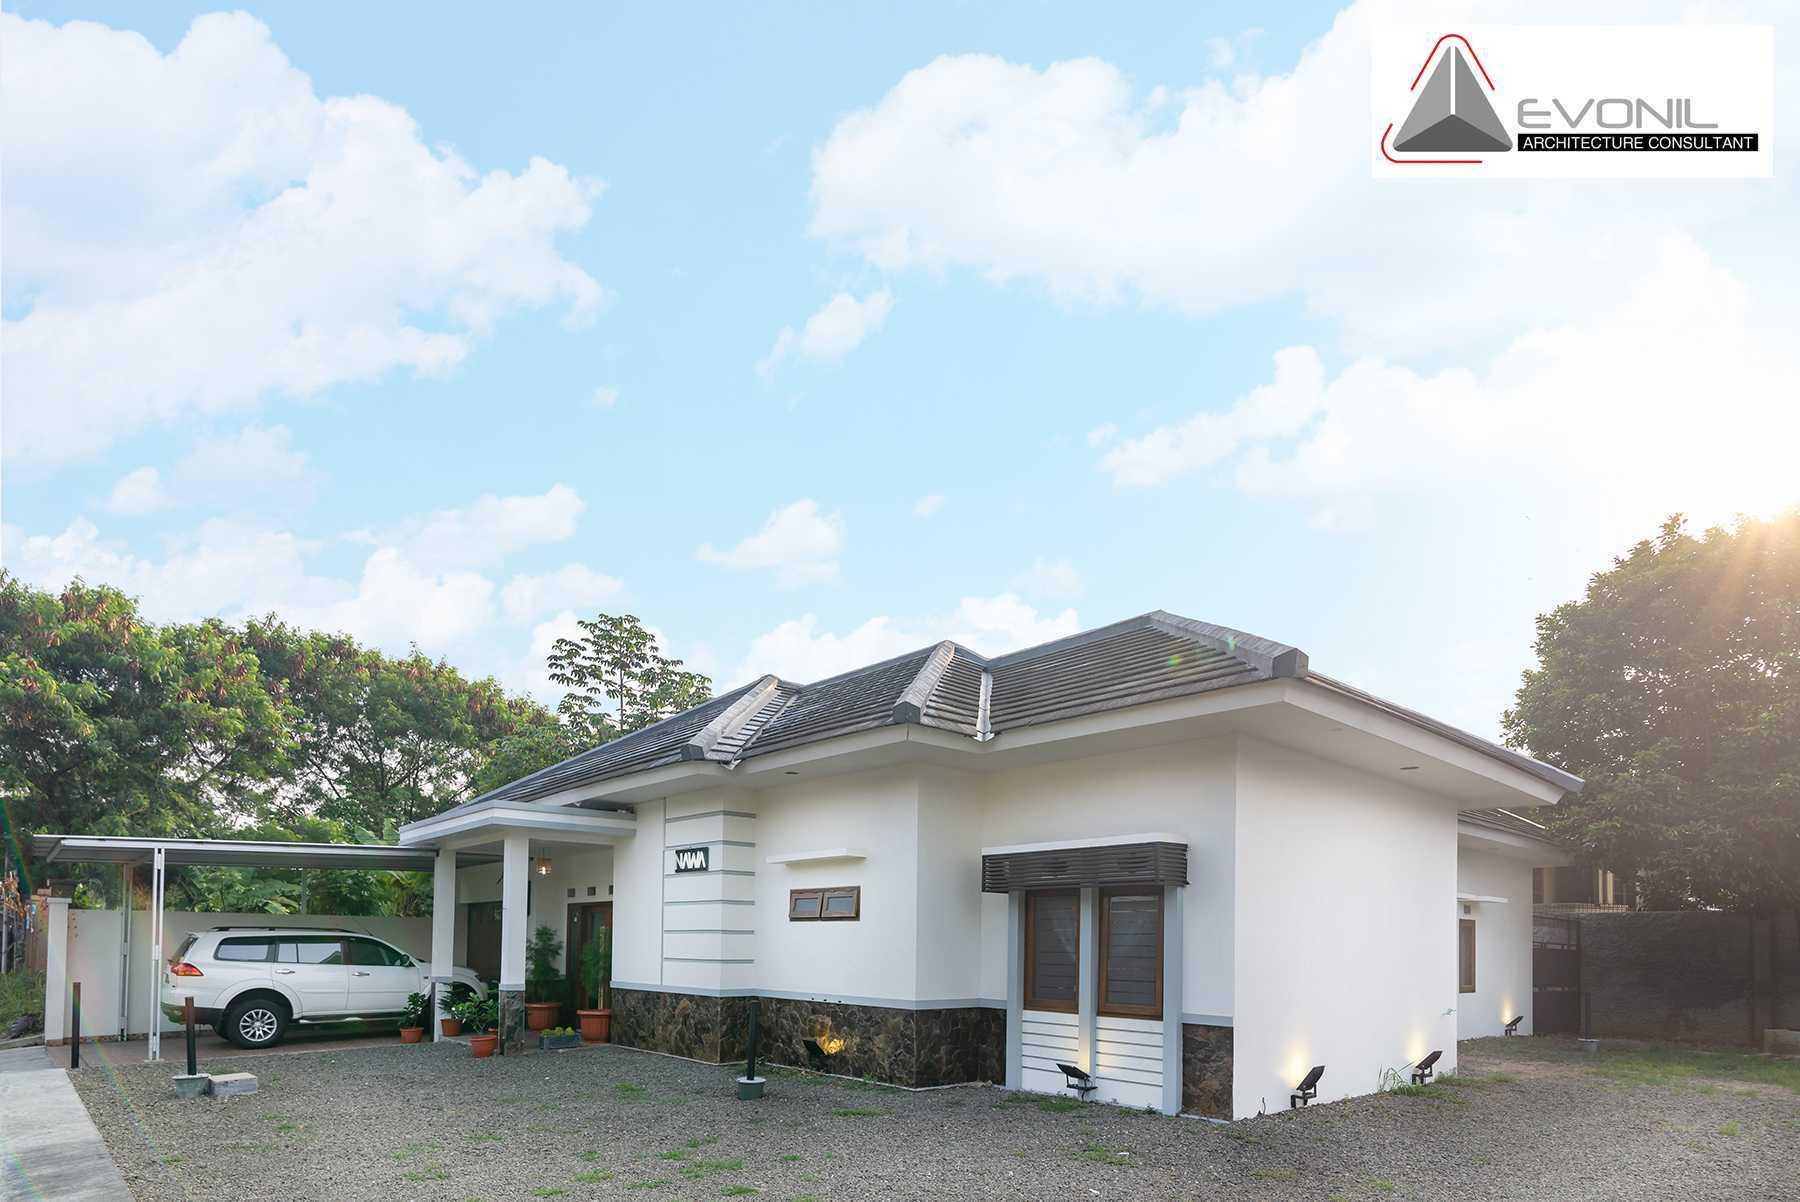 Evonil Architecture Nawa Kopi Coffeshop & Brunch - Bogor Bogor, Jawa Barat, Indonesia Bogor, Jawa Barat, Indonesia Evonil-Architecture-Nawa-Kopi-Coffeshop-Brunch-Bogor  60258